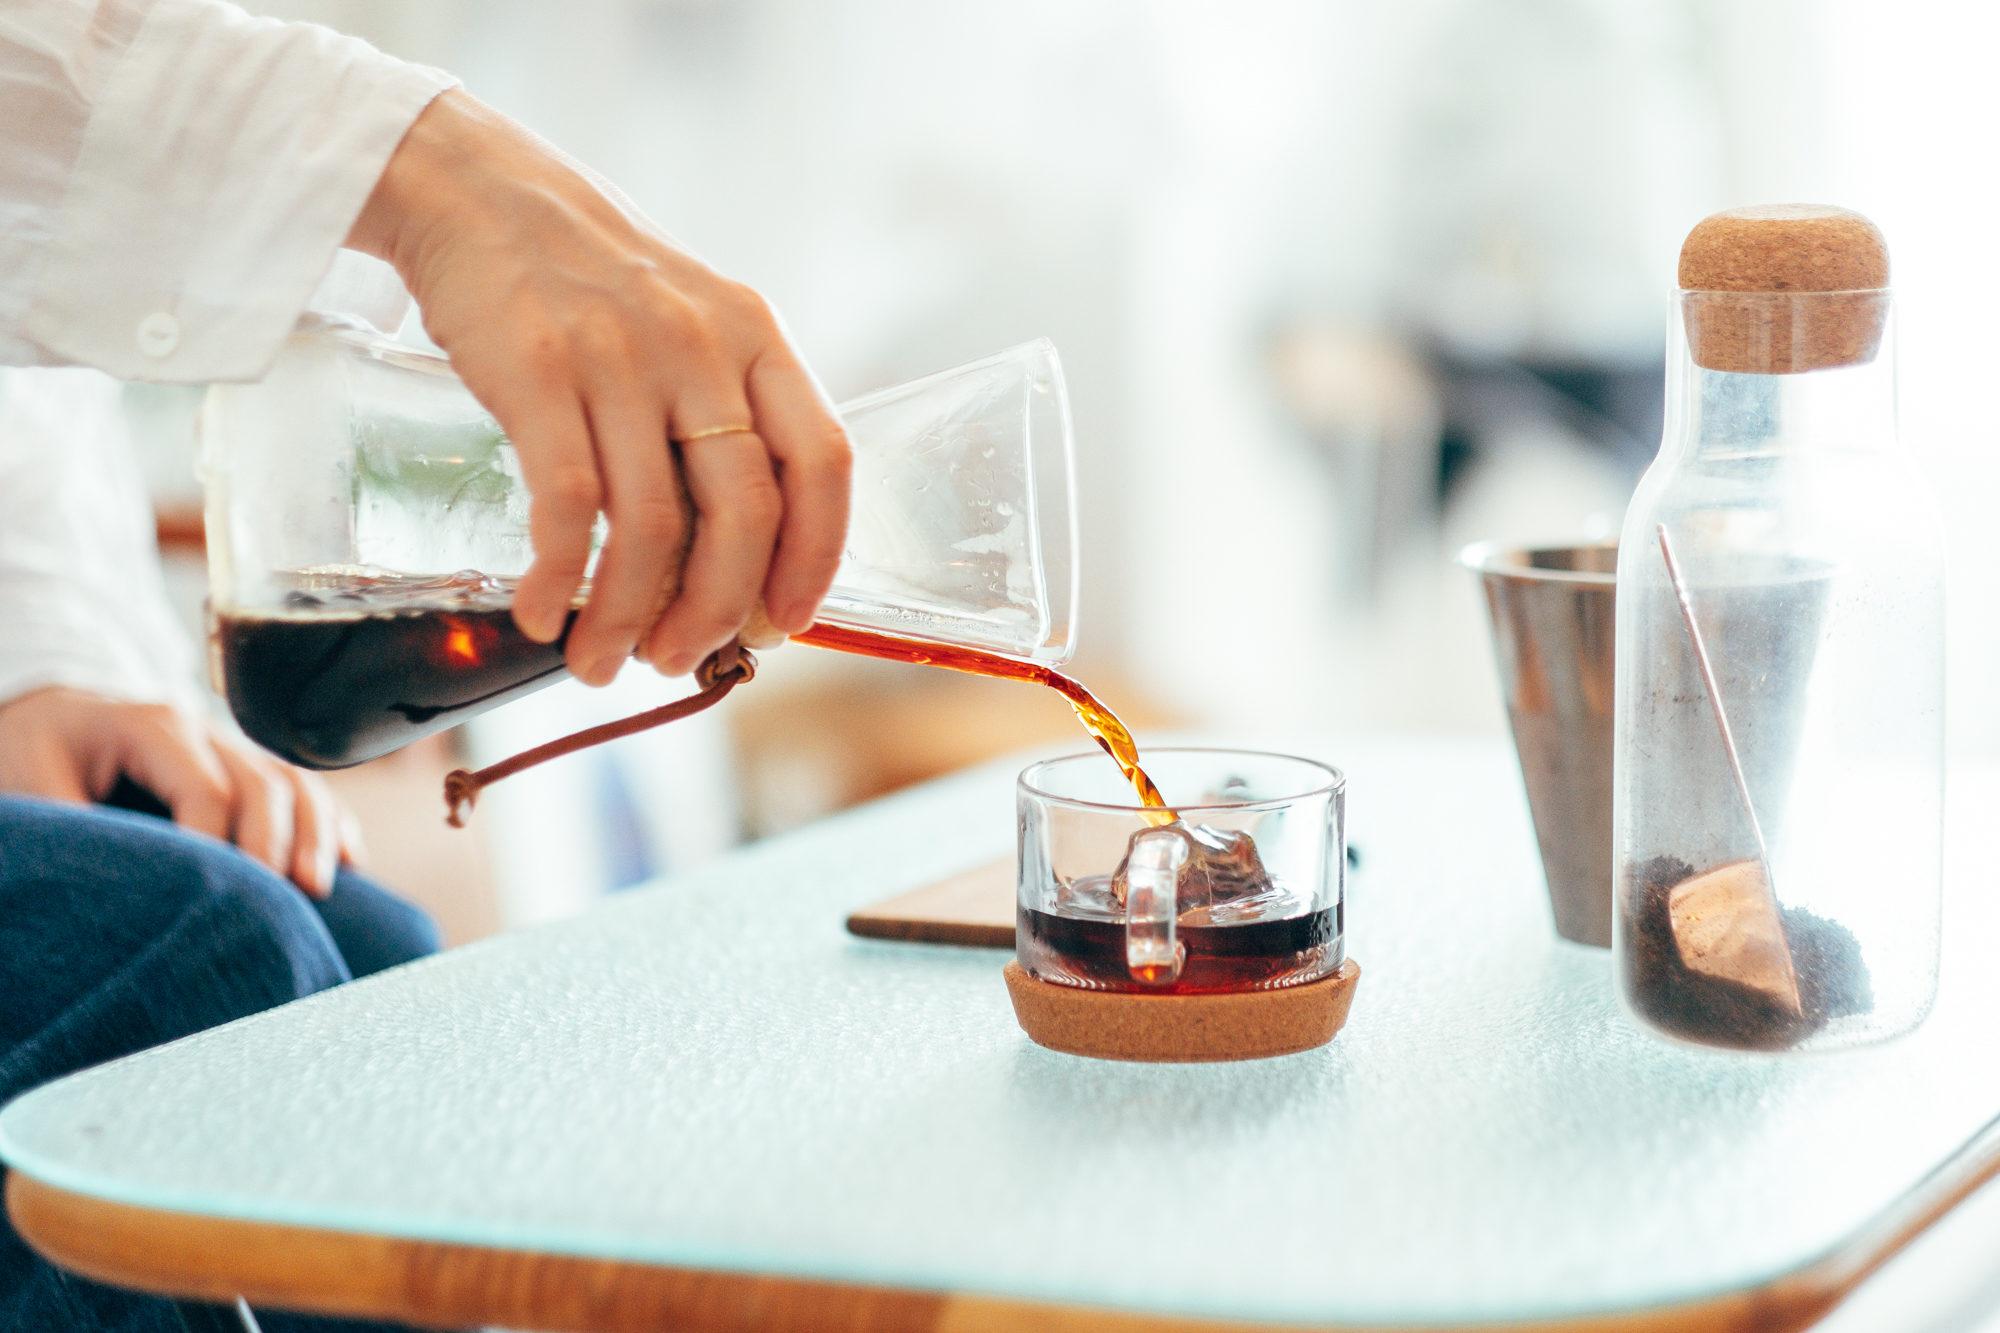 コーヒーはよく飲むのですが、コーヒー器具をキッチンワゴンに分けることでキッチンスペースも広く使えるようになりました。